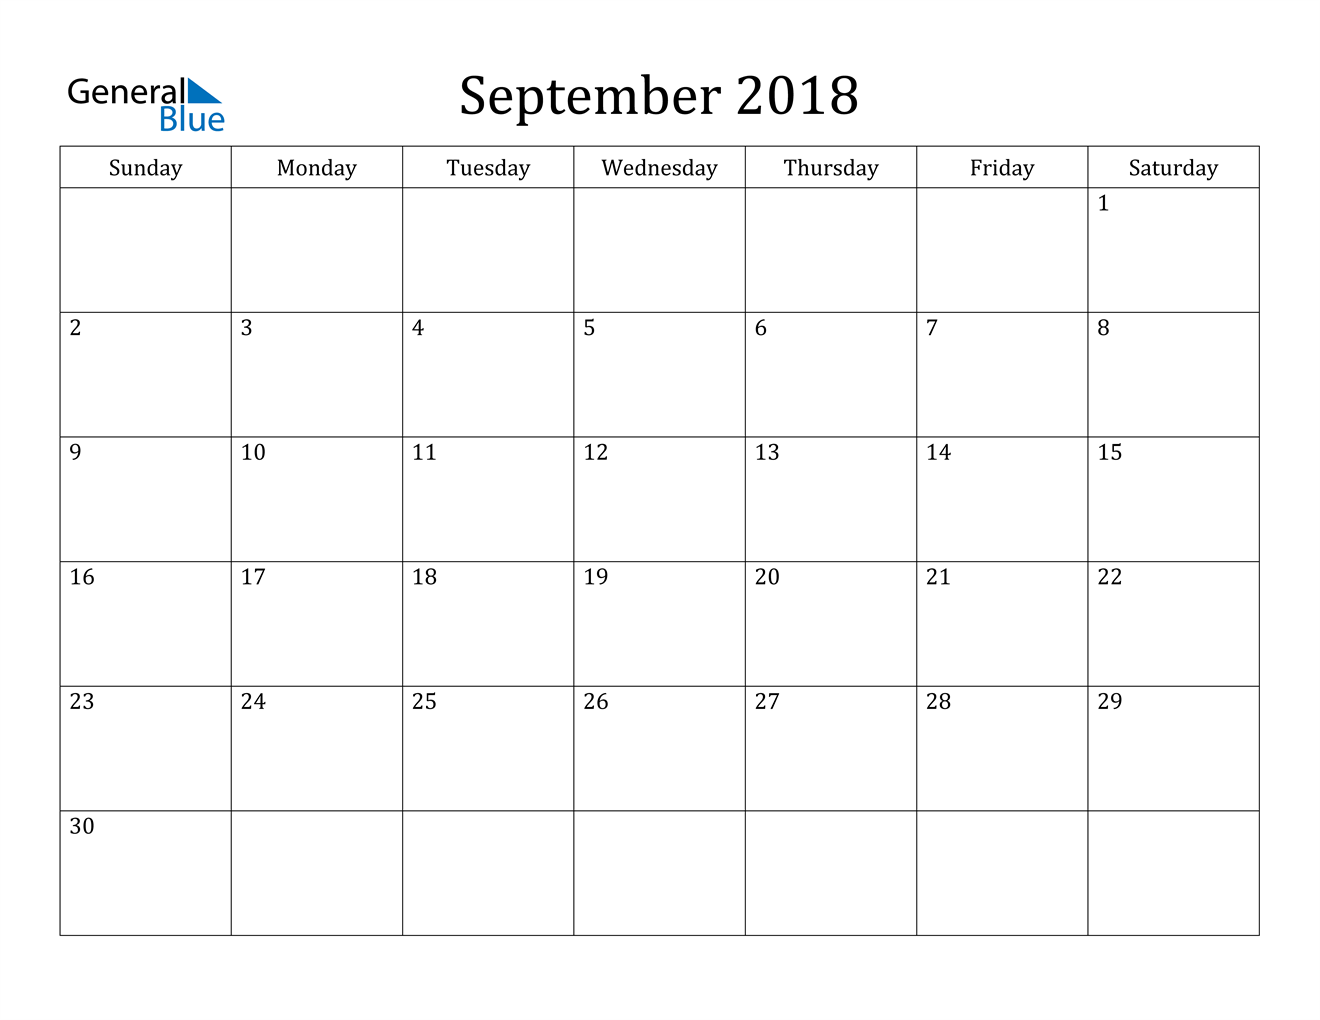 Image of September 2018 Classic Professional Calendar Calendar